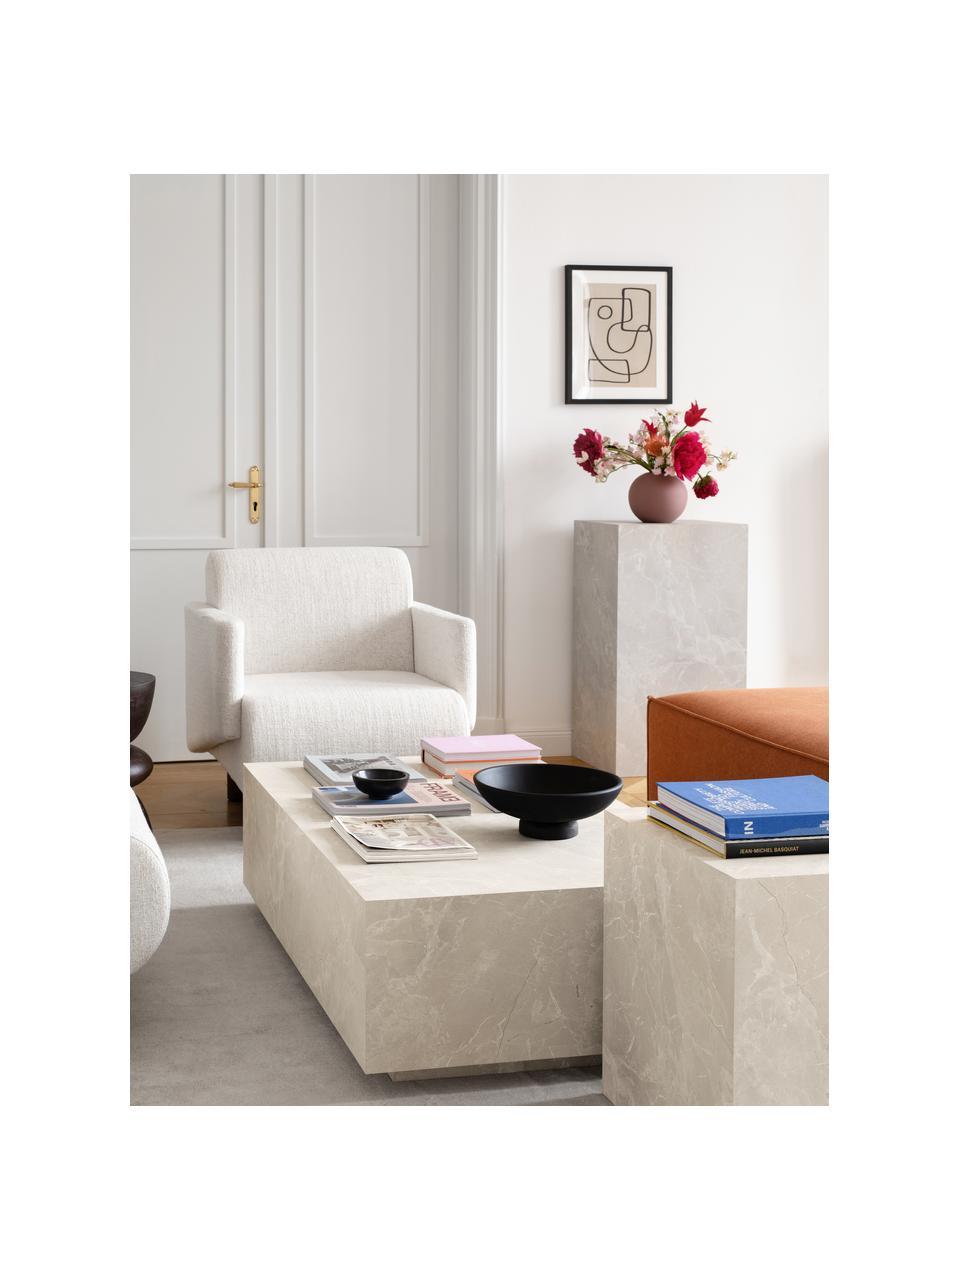 Tavolino vuoto da salotto effetto travertino Lesley, Pannello di fibra a media densità (MDF) rivestito con foglio di melamina, Beige effetto travertino, Larg. 120 x Alt. 35 cm